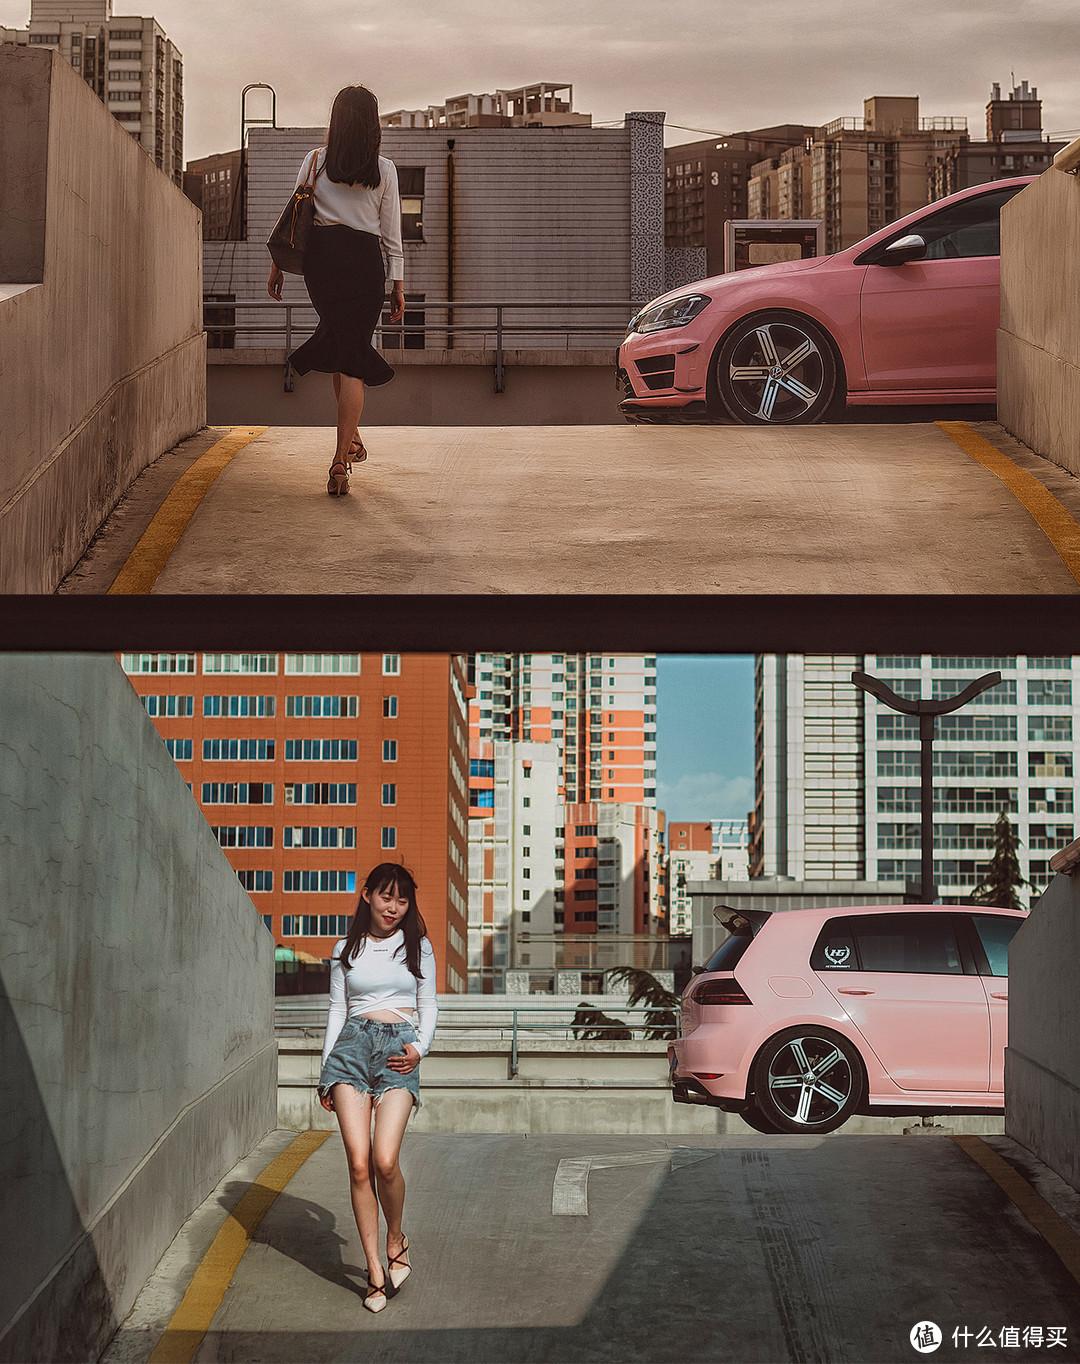 同一个位置,车头与车尾,上与下,端庄与性感,和爱车拍出故事感